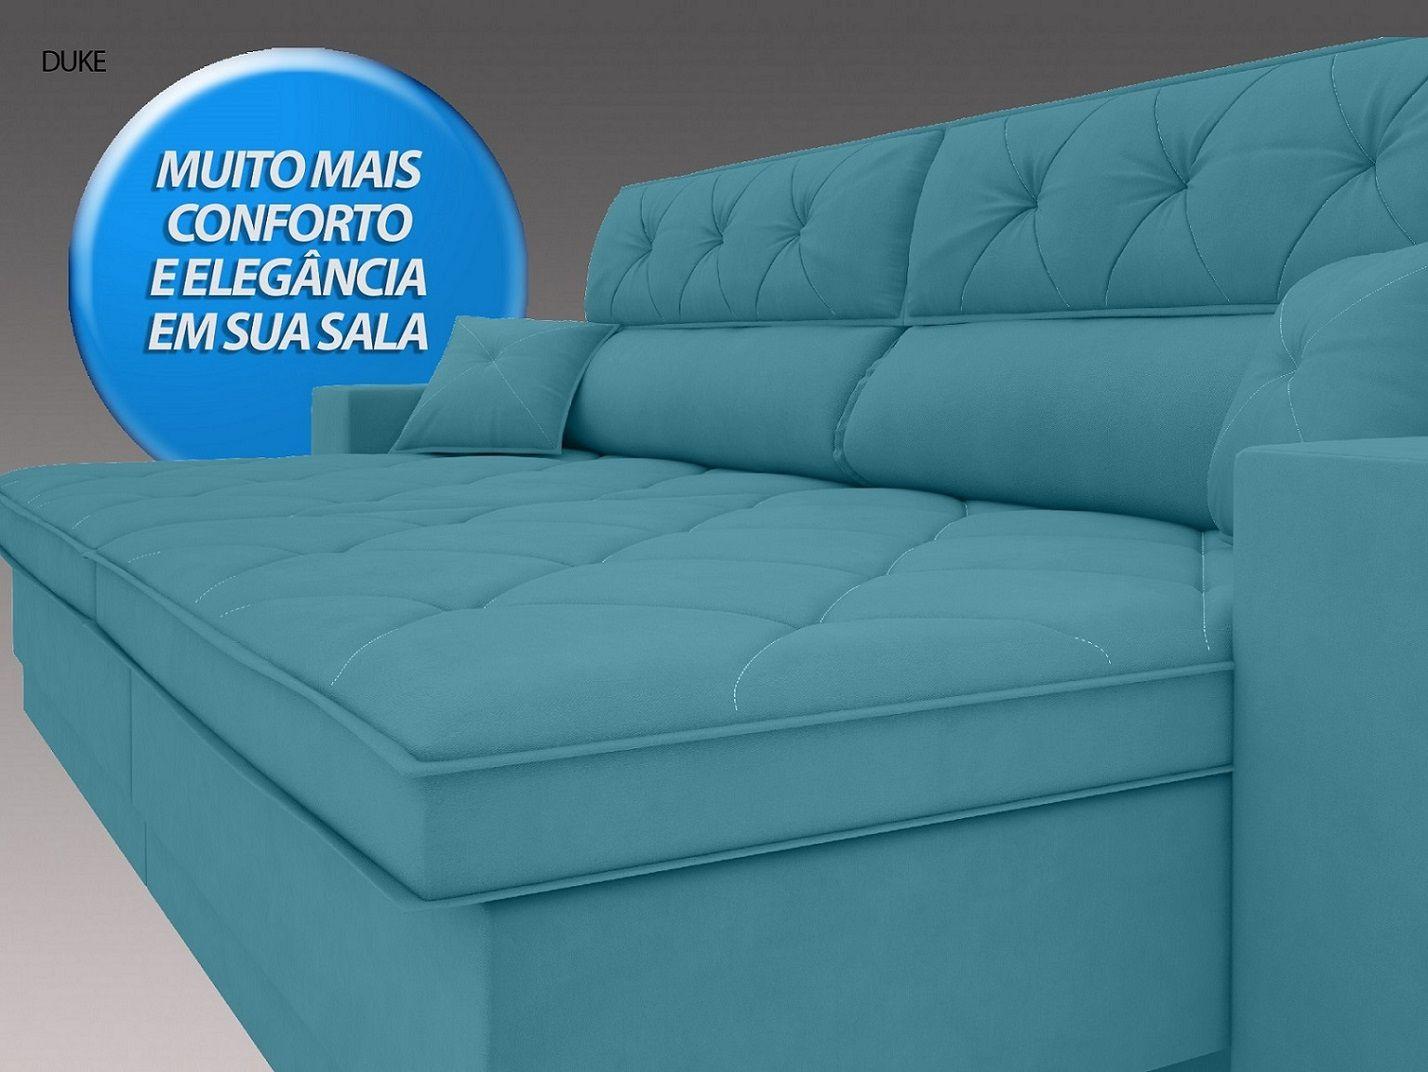 Sofá Duke 2,50m Retrátil e Reclinável Velosuede Turquesa  - NETSOFAS